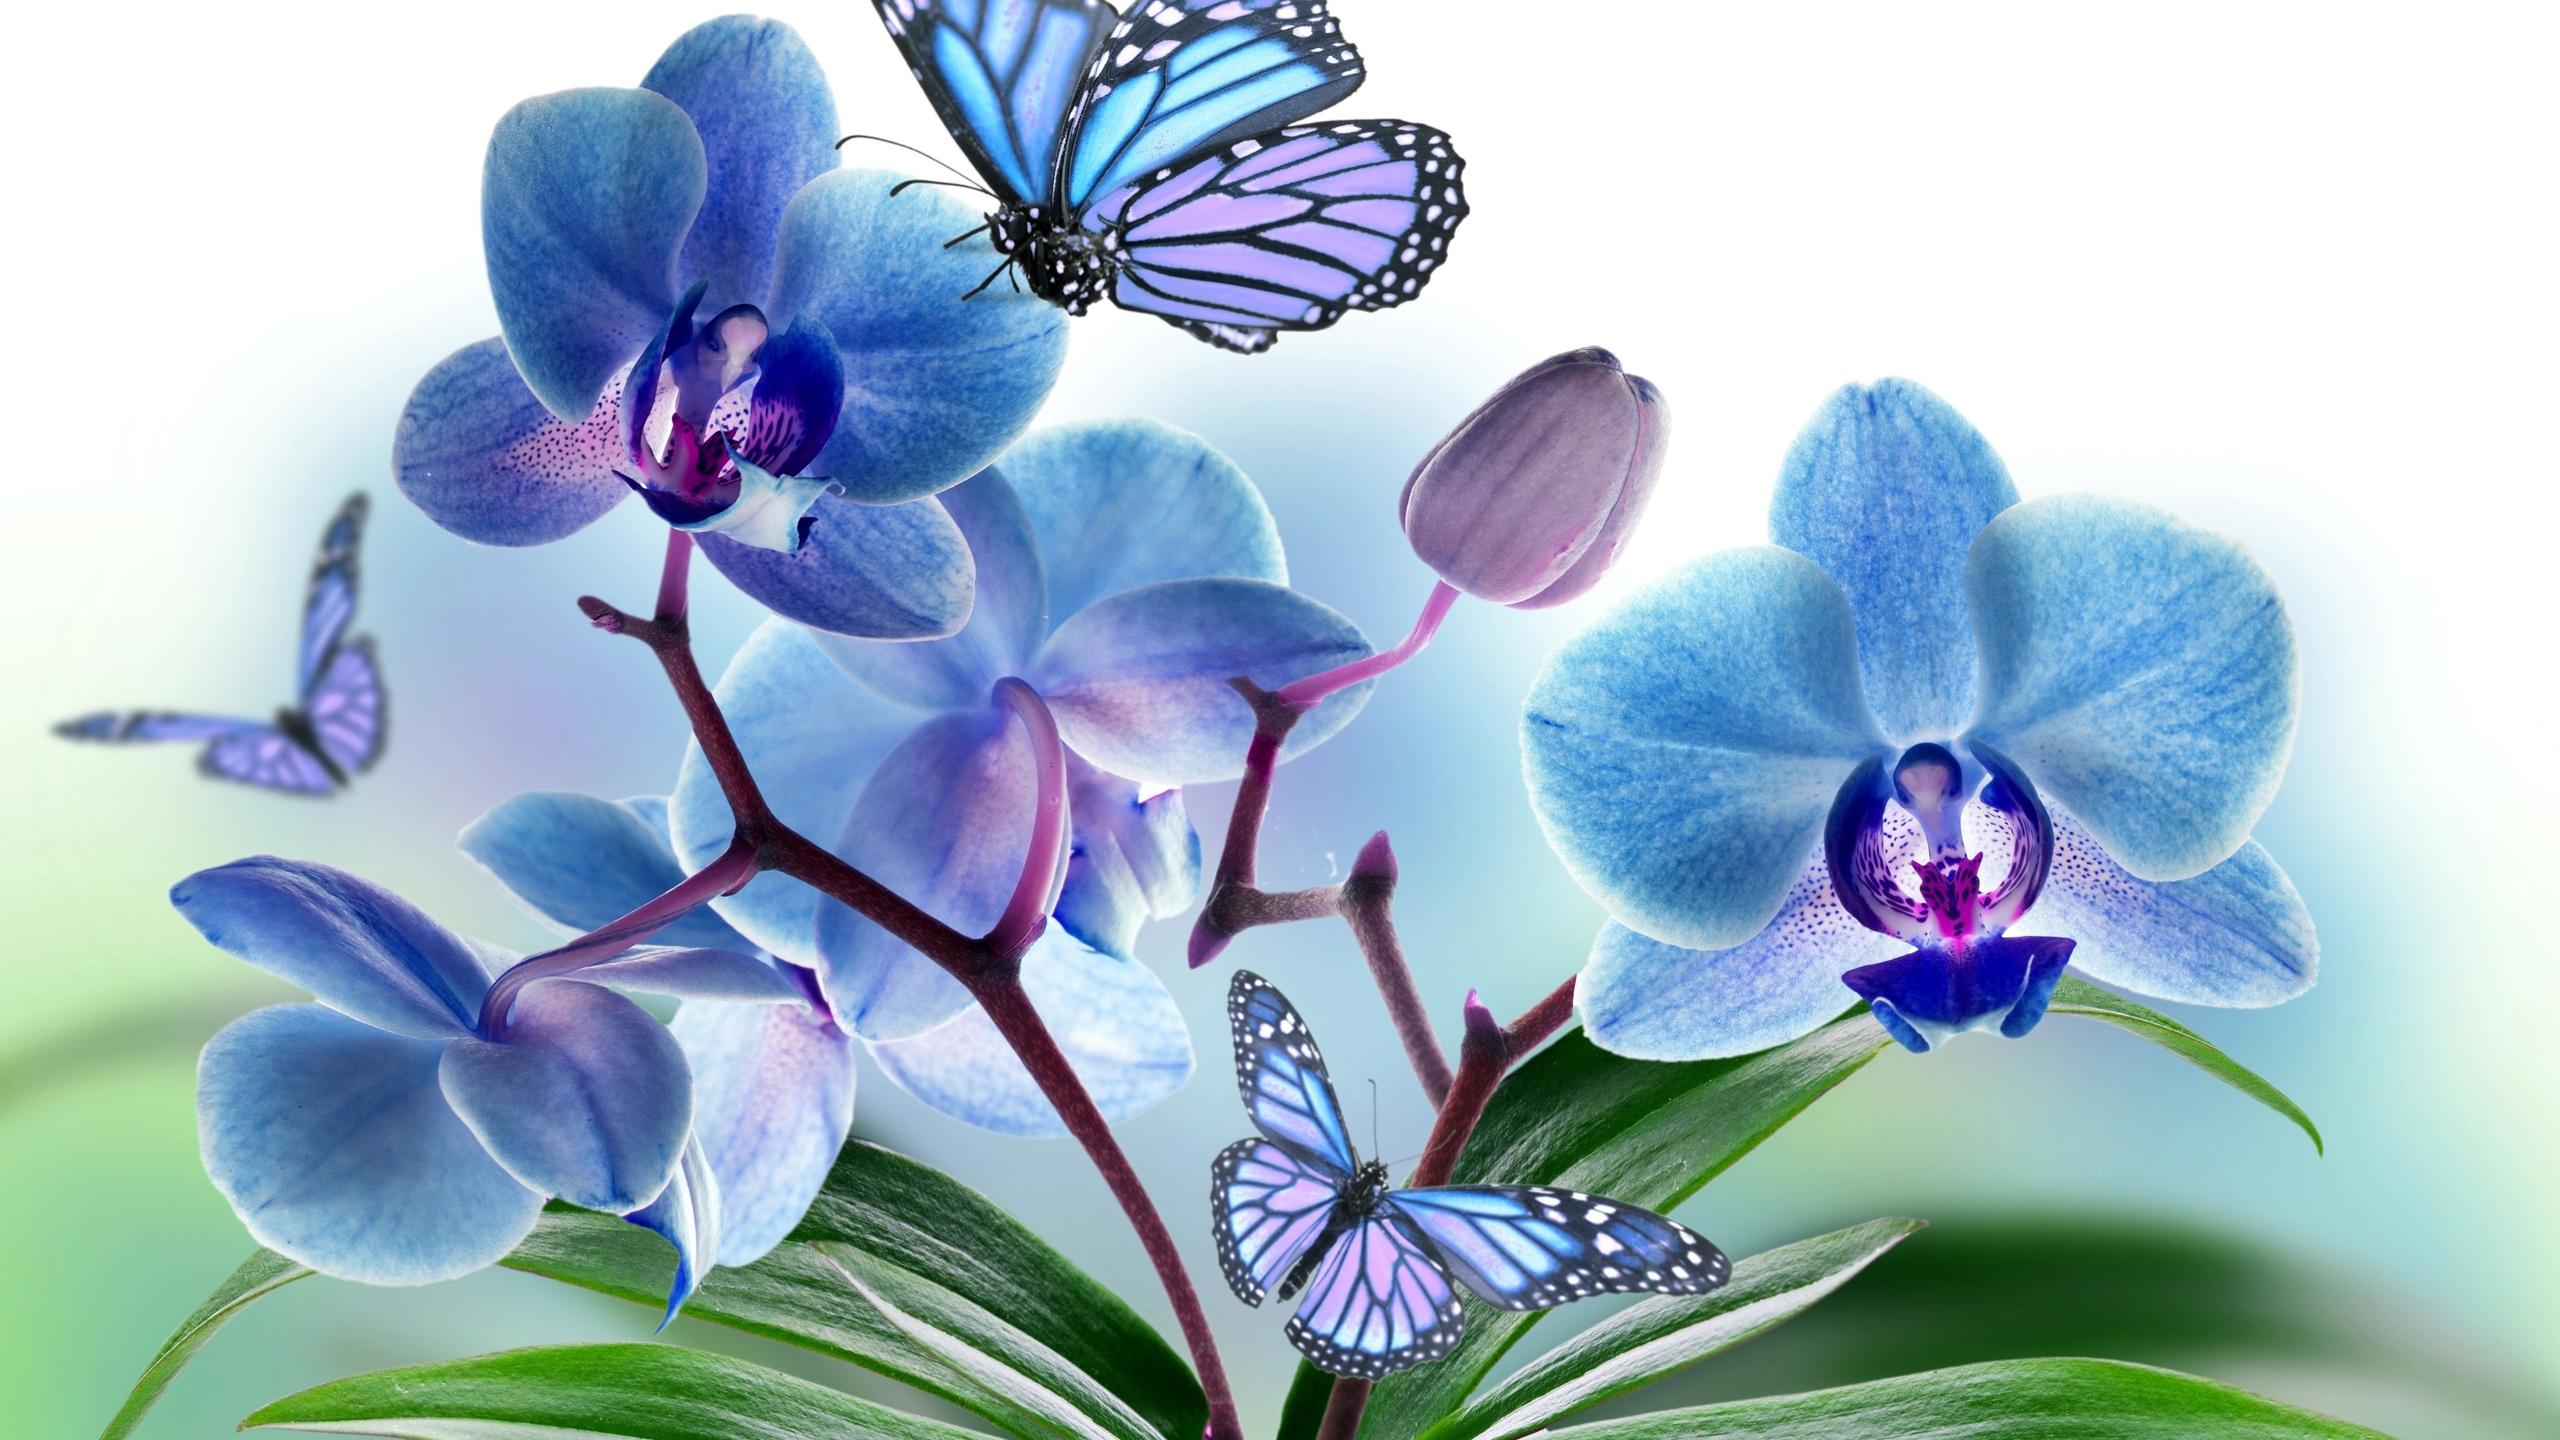 Картинки с цветами для фотопечати, красивая открытка комплект